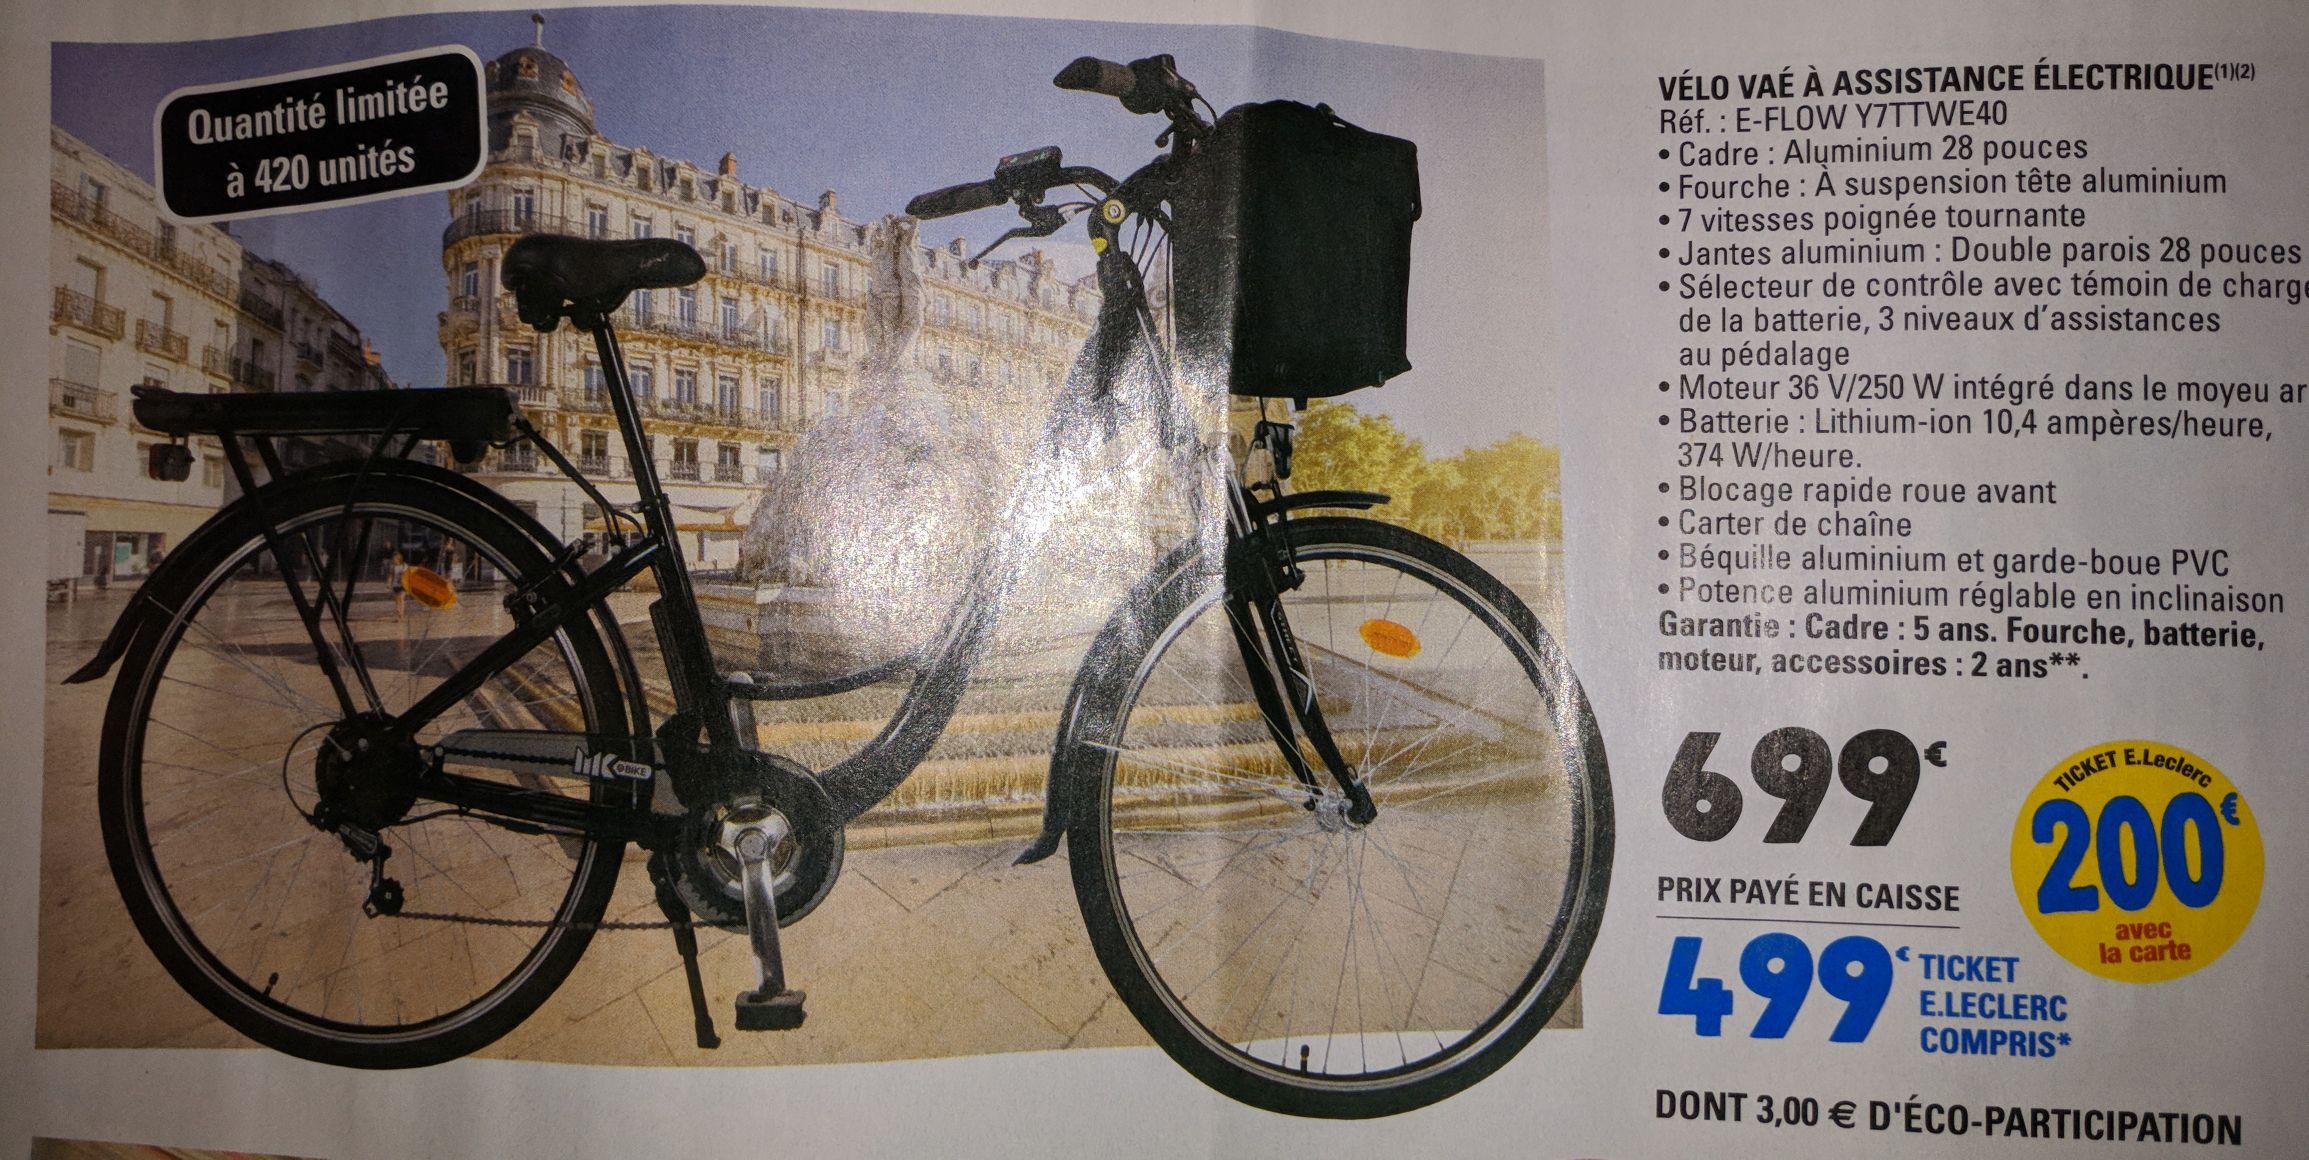 Vélo ville à assistance électrique e-flow Y7TTWE40 (via 200€ sur la carte) - Plusieurs villes (44)